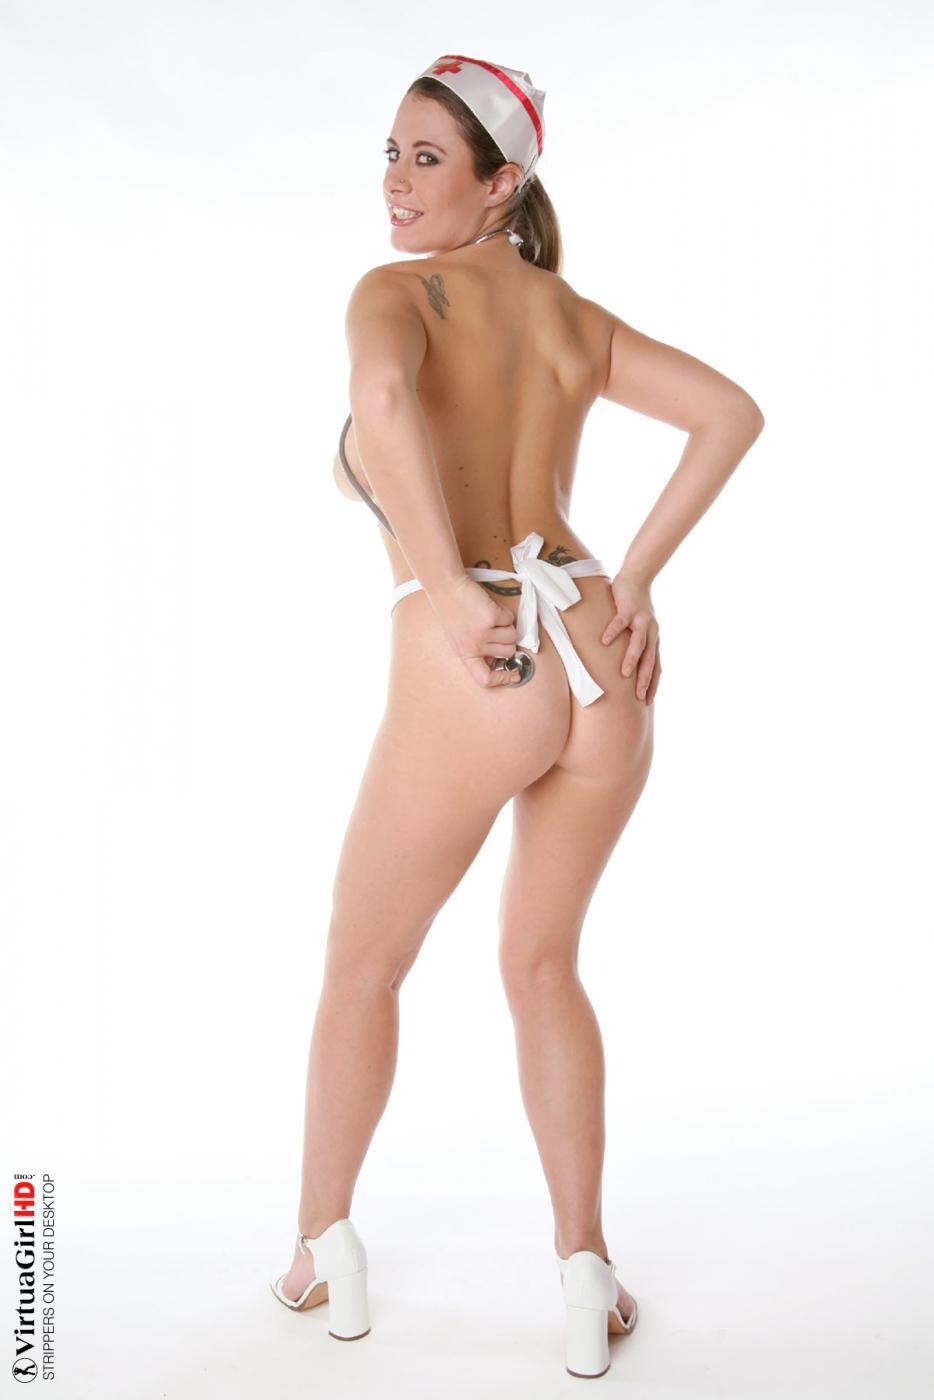 Медсестра с большими сиськами Elya Virtuagirl снимает халатик и позирует абсолютно обнаженной